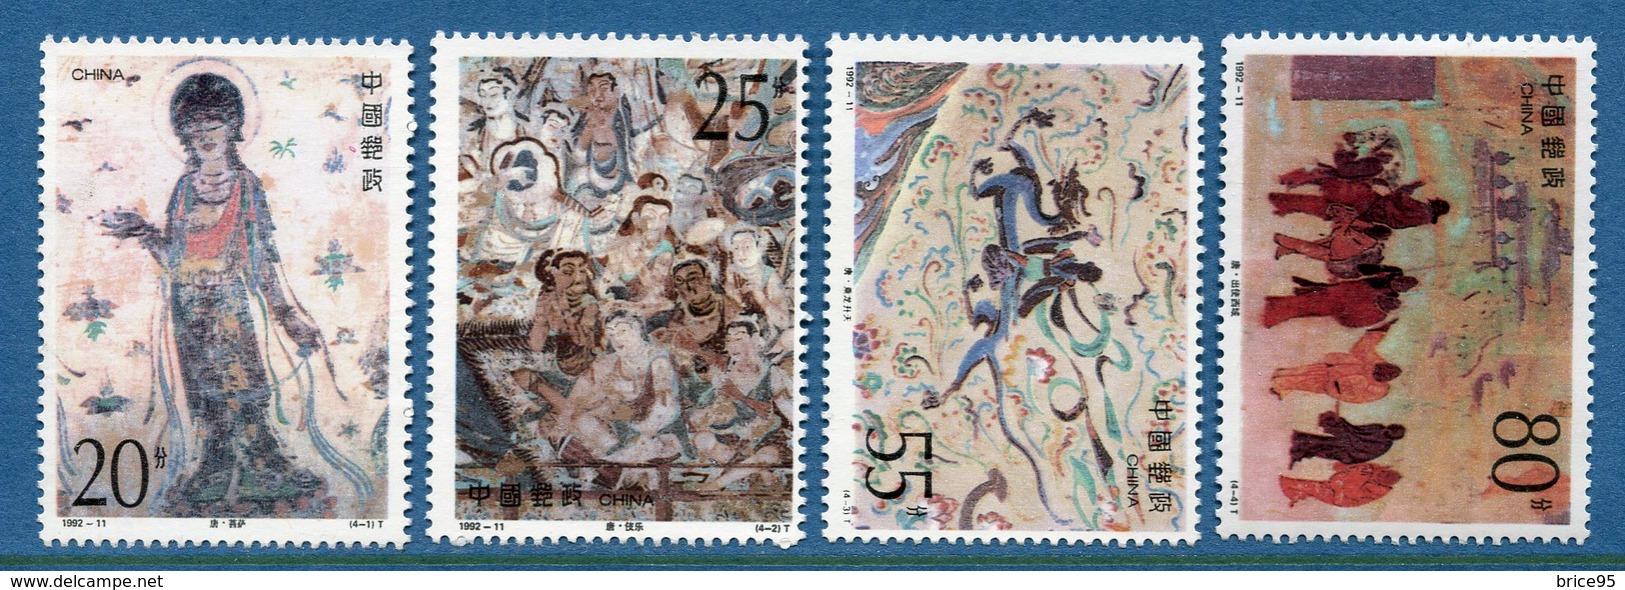 Chine - YT N° 3132 à 3135 - Neuf Sans Charnière - 1992 - 1949 - ... People's Republic